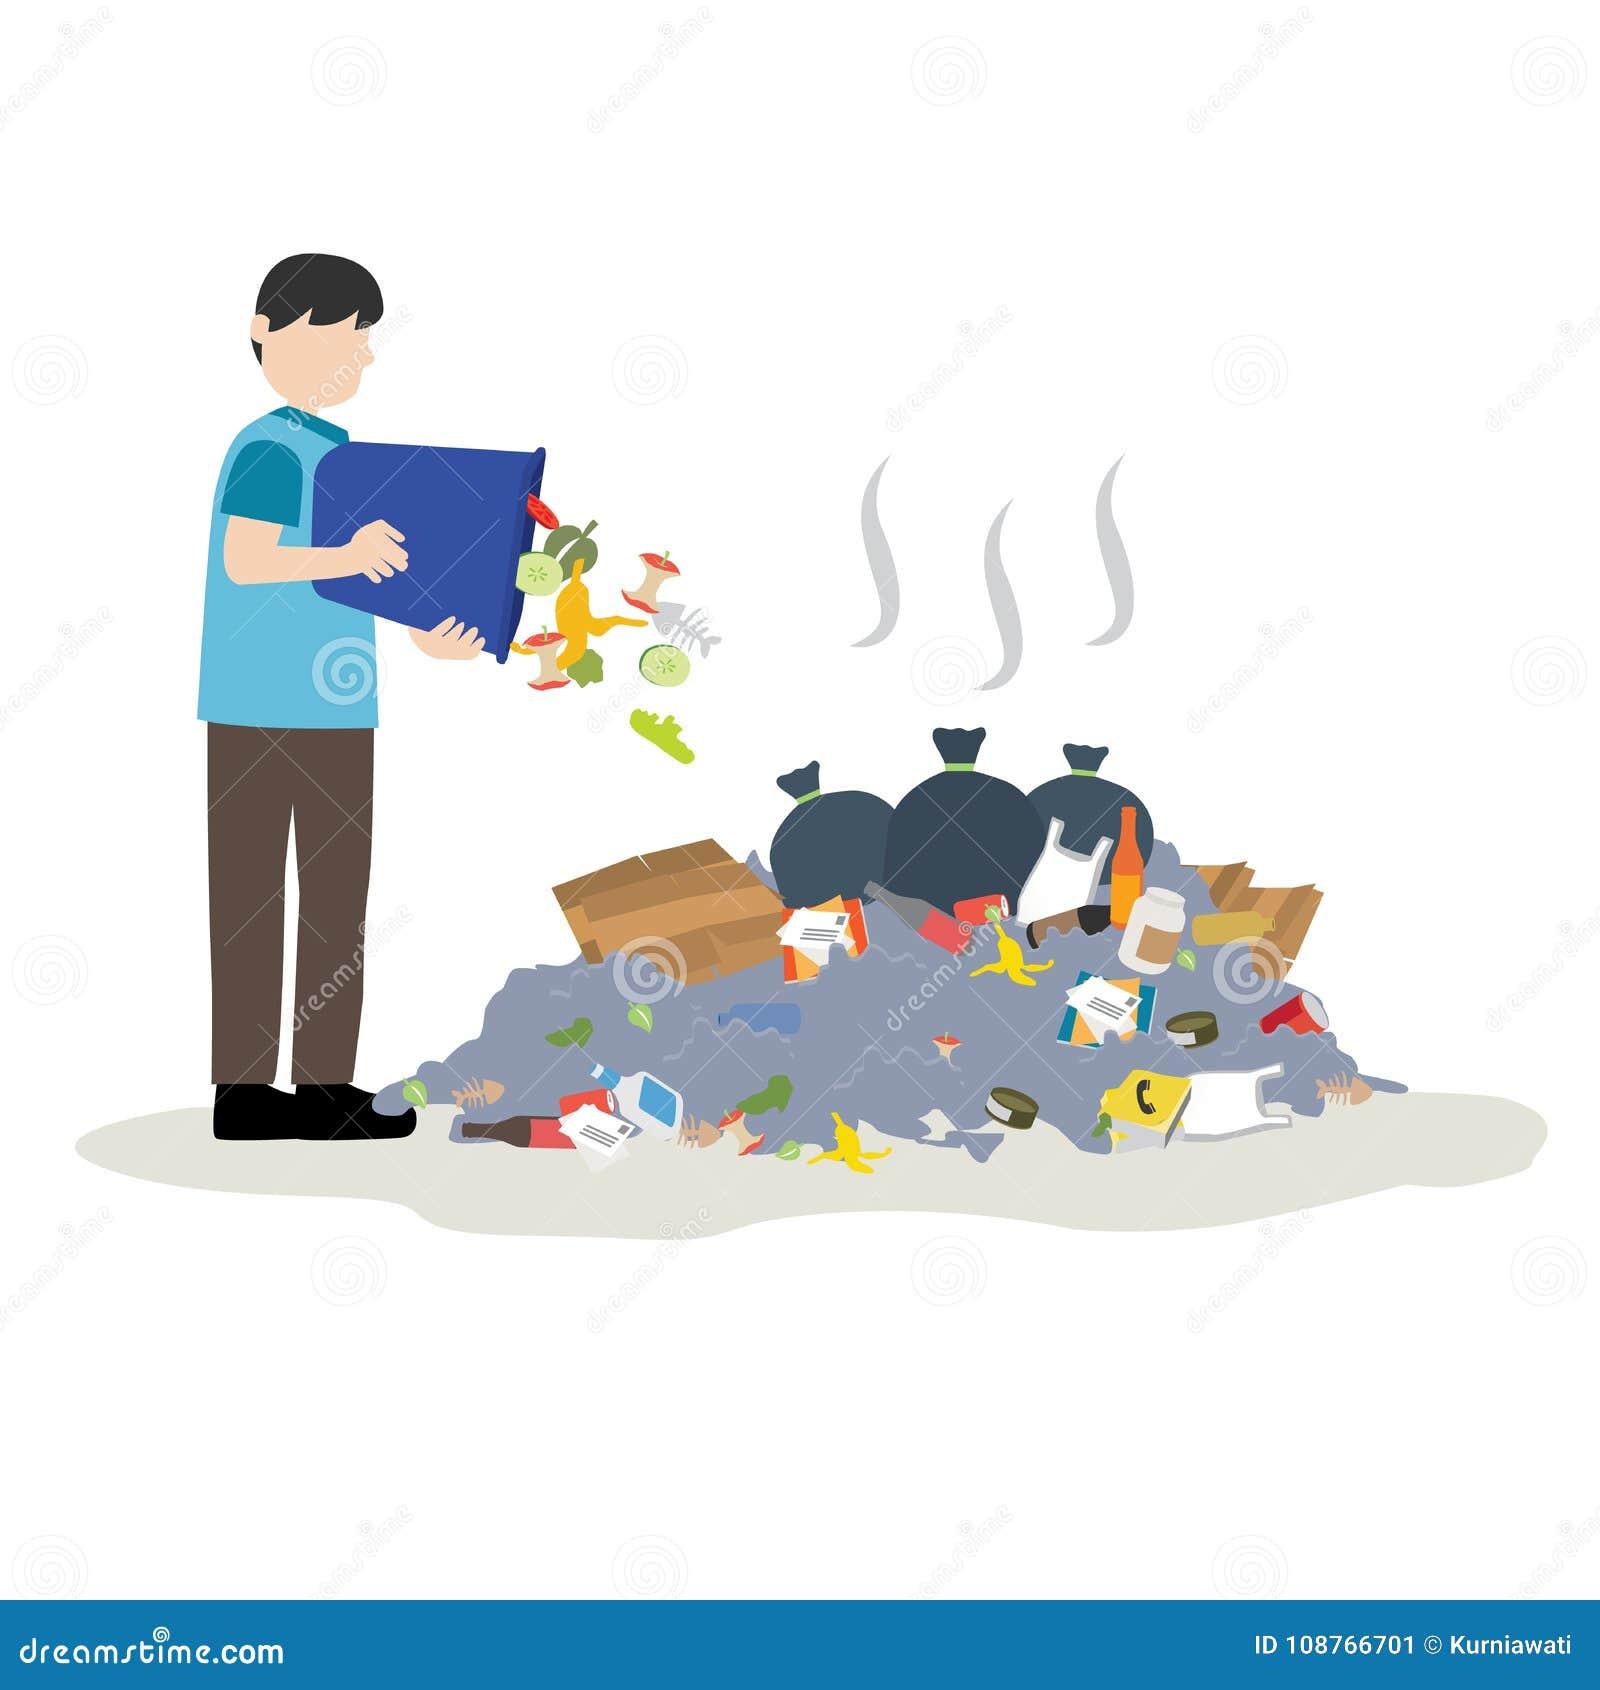 Το άτομο ρίχνει τα απορρίμματα στο σωρό των απορριμάτων